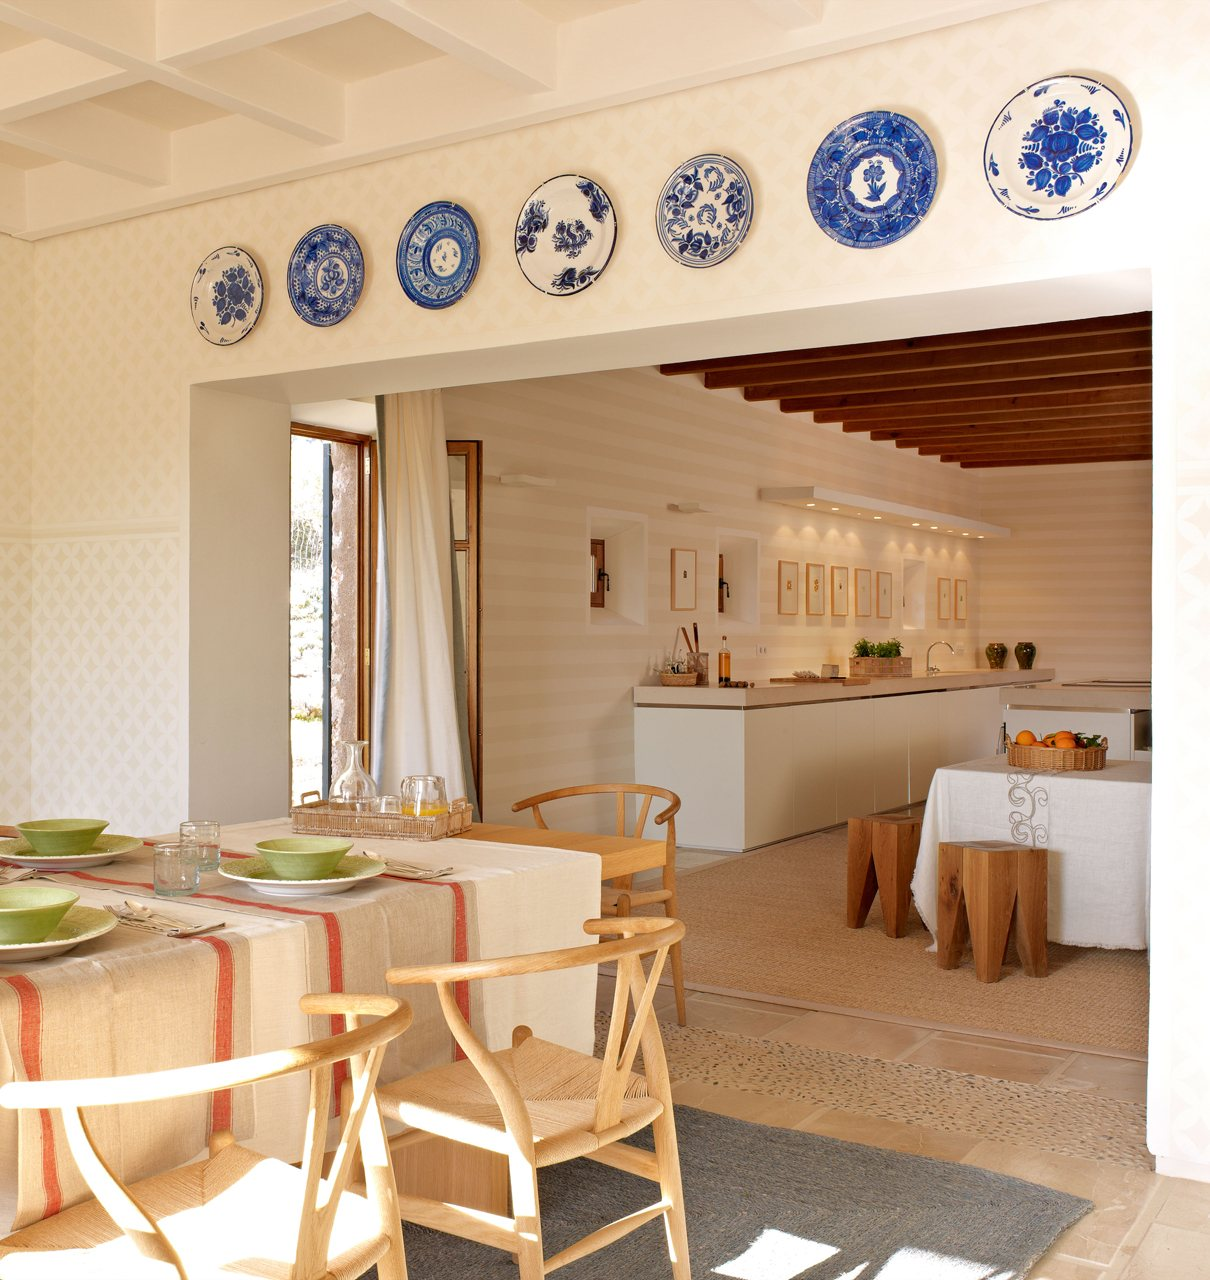 Baños Rusticos Piedra Obra Nueva:Una cocina actual con recuerdos rústicos